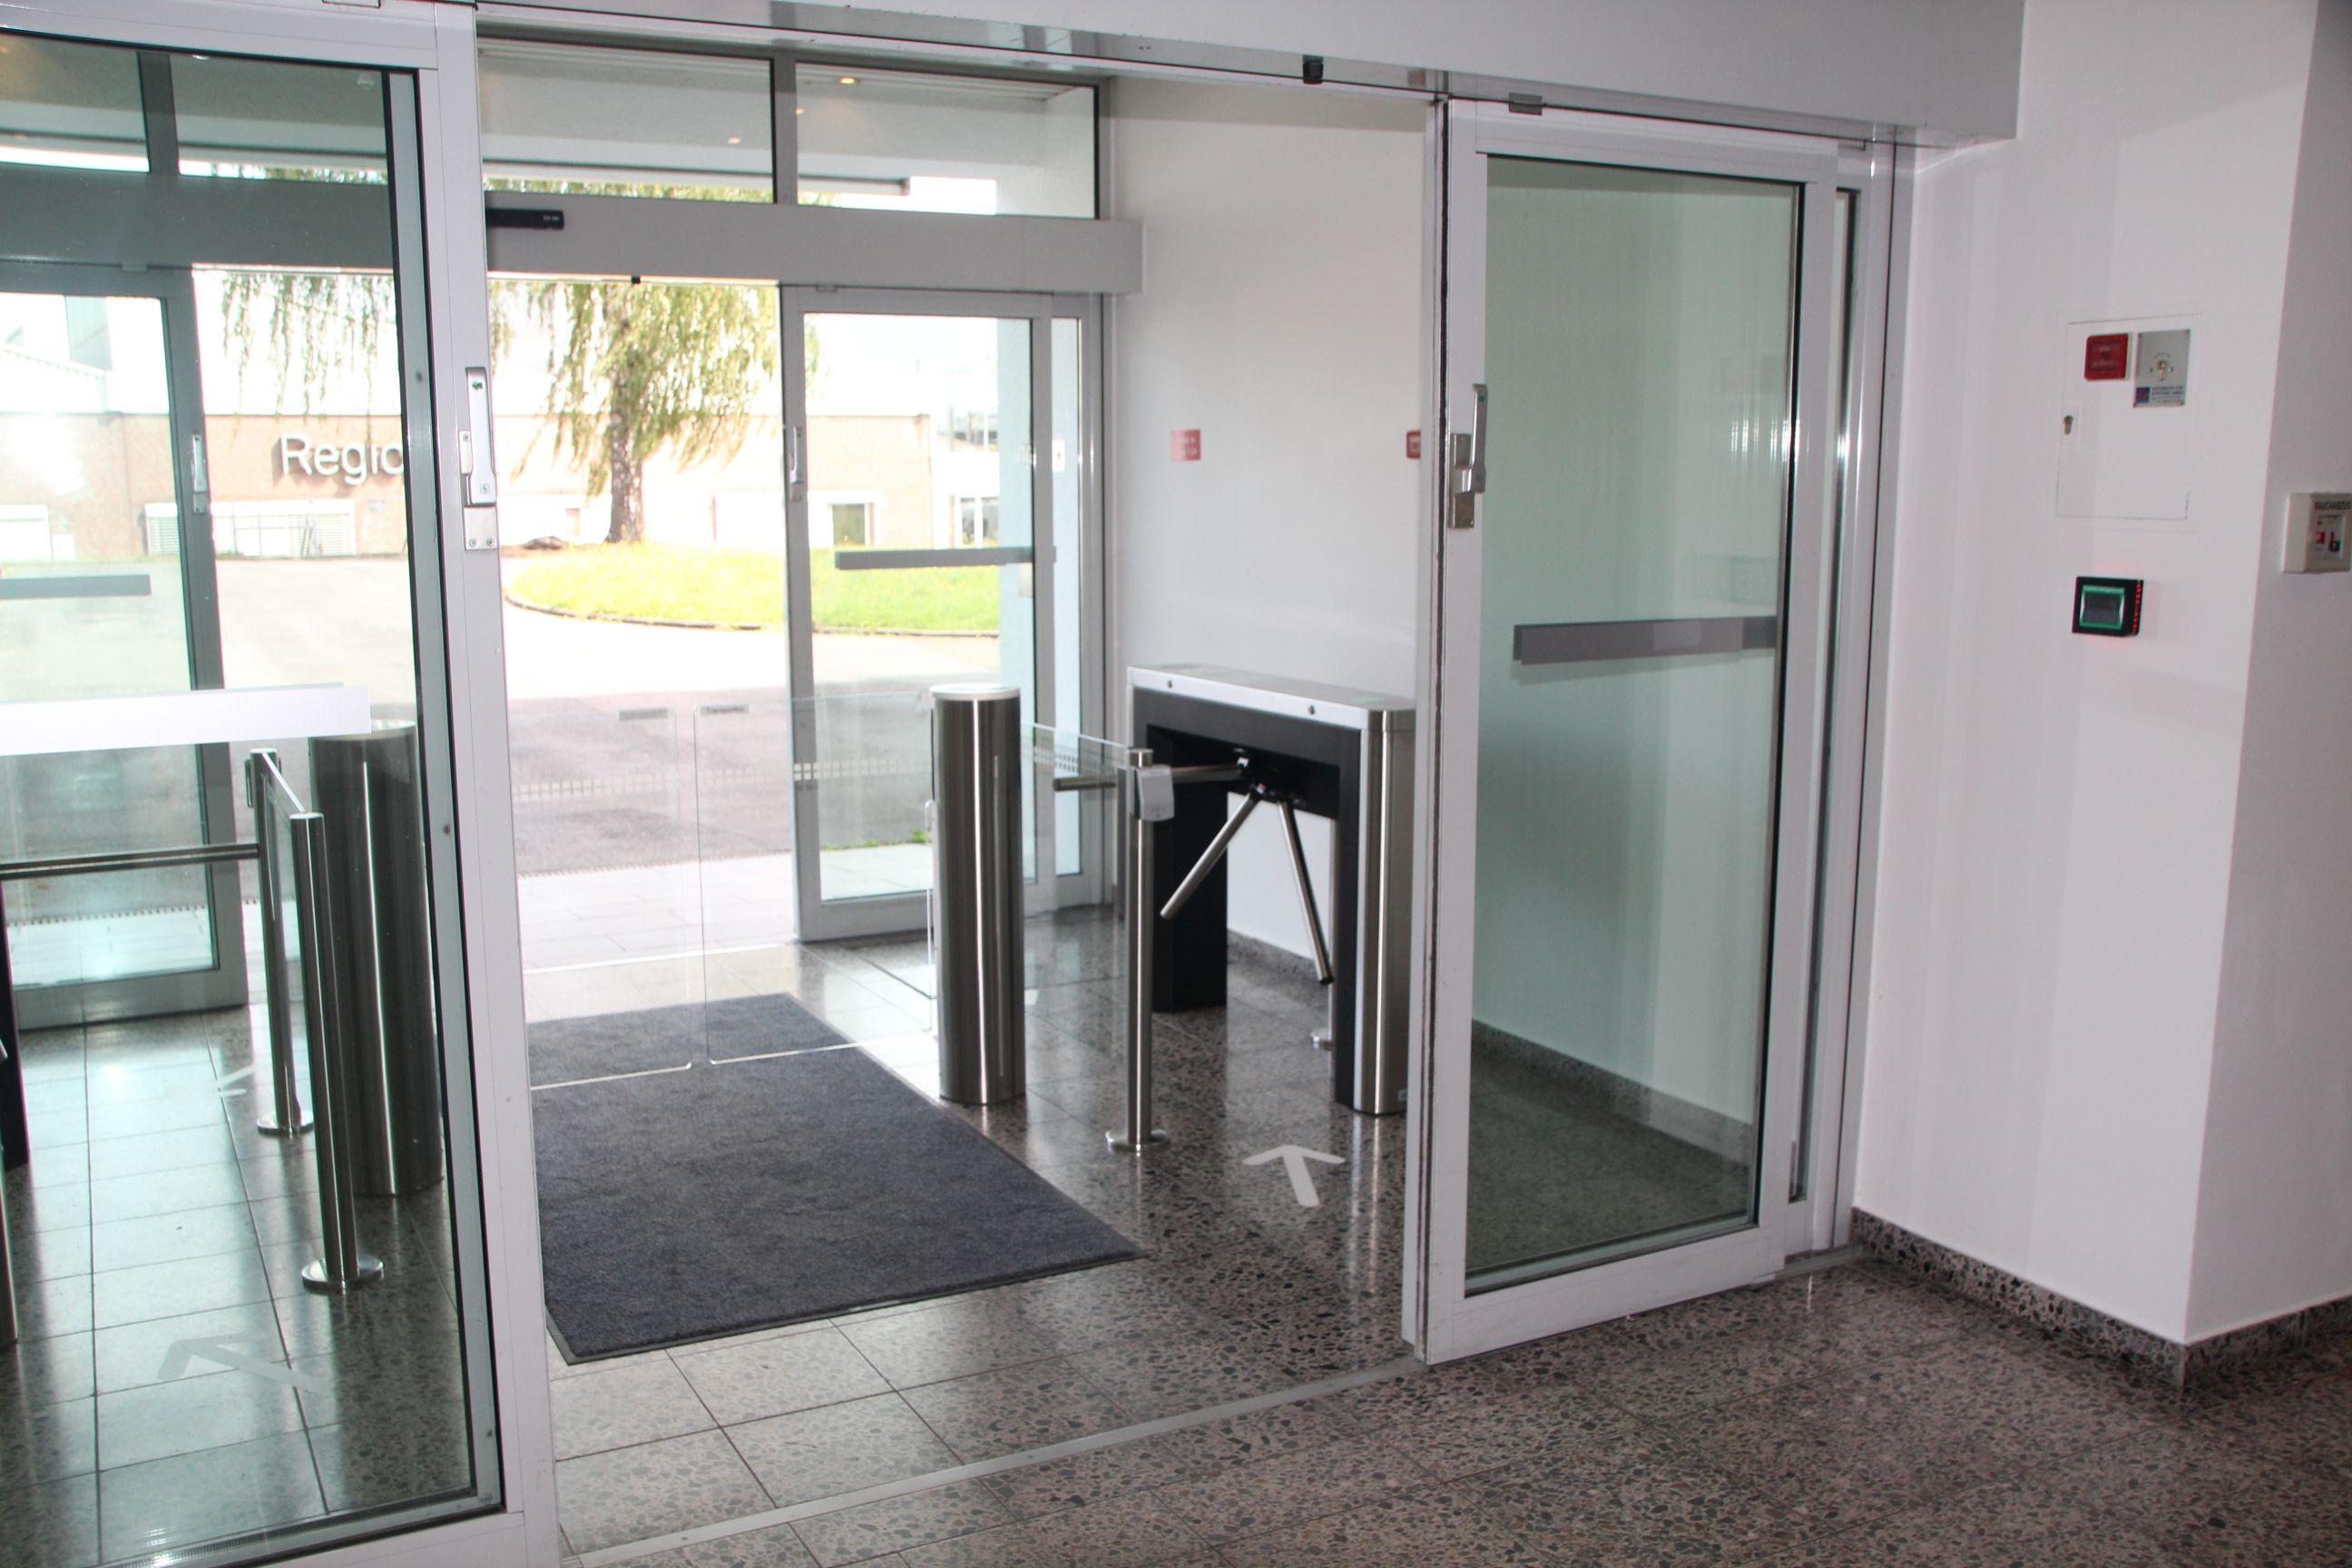 Drehsperren vom Typ TriLane 2 und zwei Schwenktüren vom Typ AccessLane sichern den Zugang zum Verwaltungsgebäude